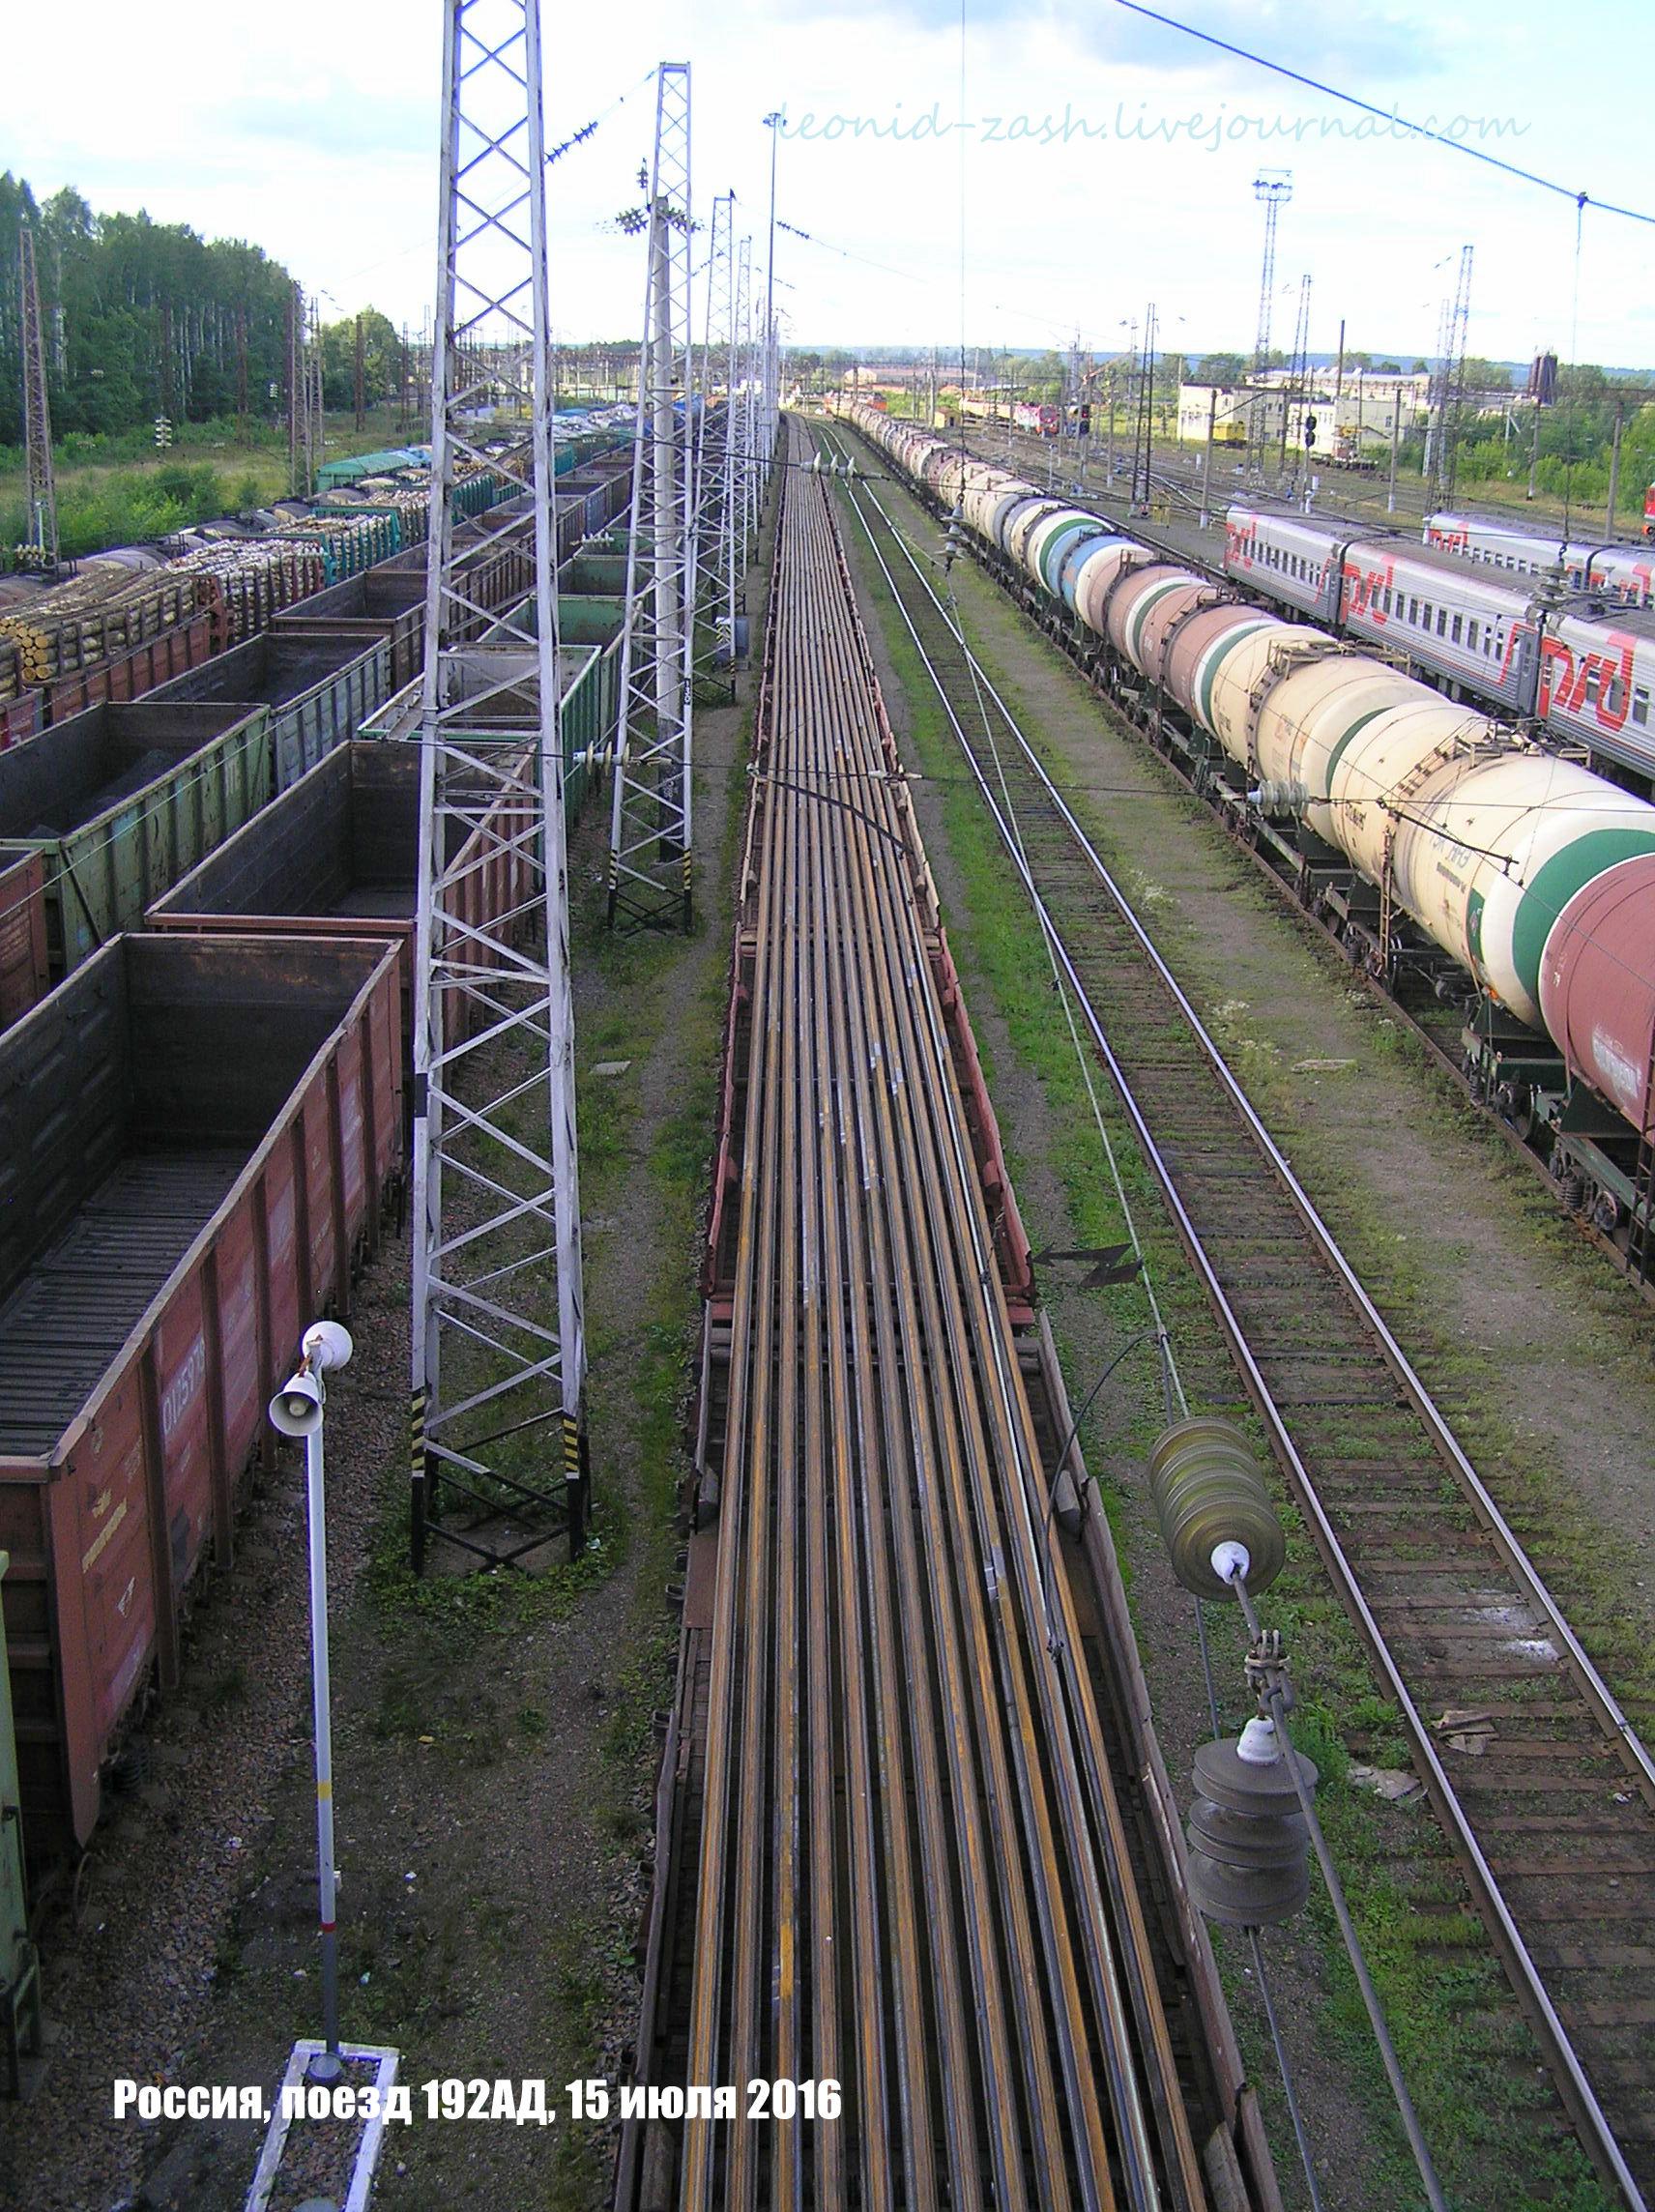 РЖД поезд 192АД 47.JPG